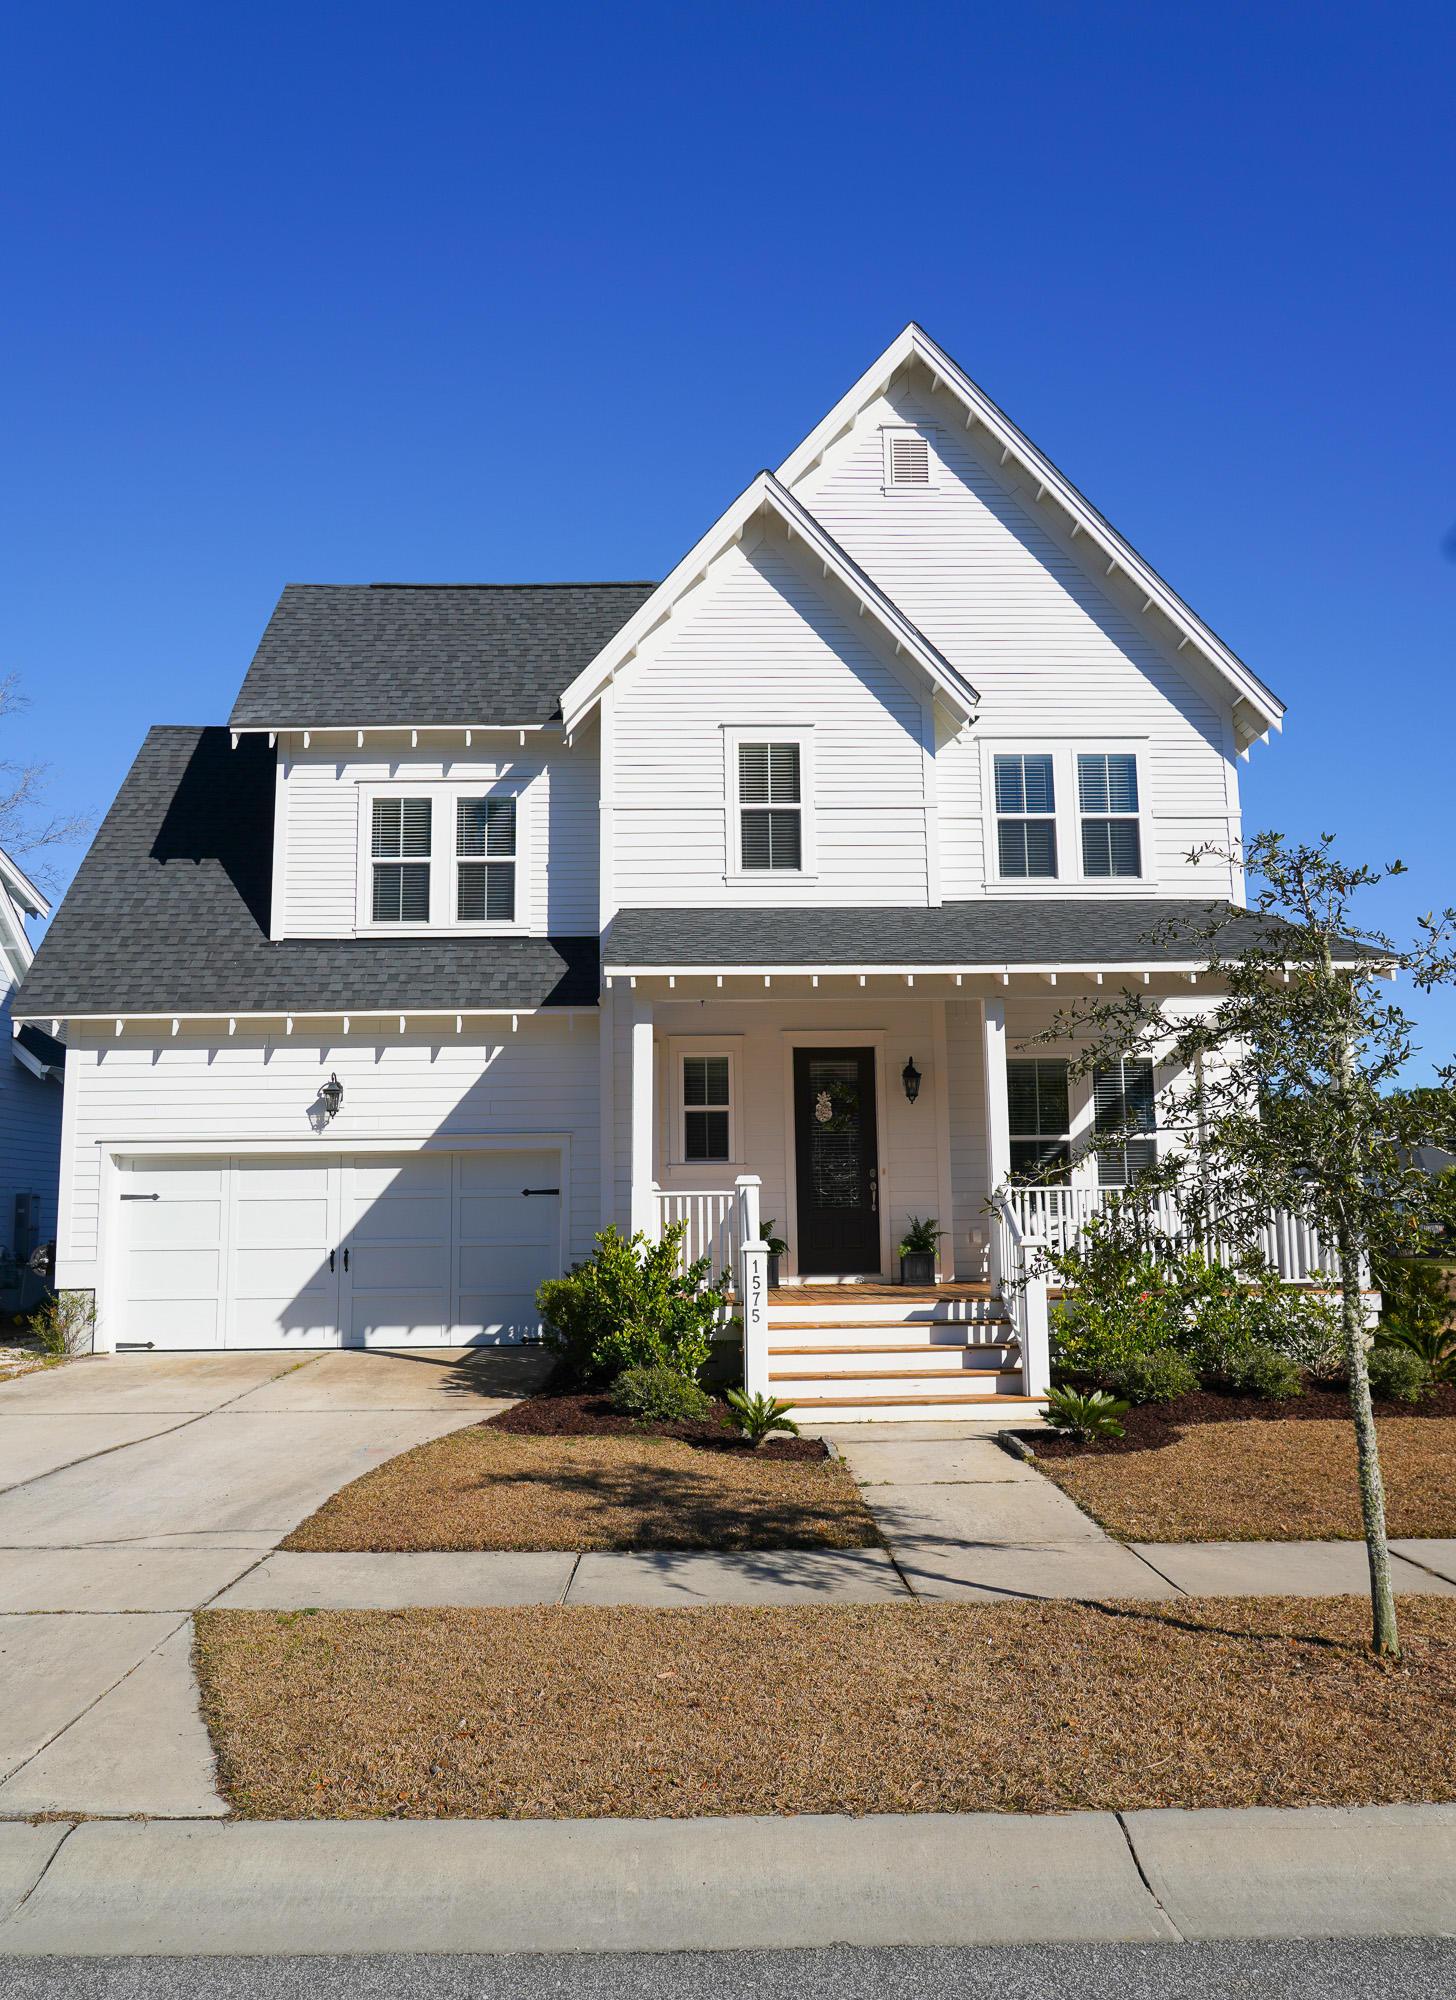 1575 Harriman Street, Mount Pleasant, 29466, 4 Bedrooms Bedrooms, ,2 BathroomsBathrooms,Residential,For Sale,Harriman,21004207